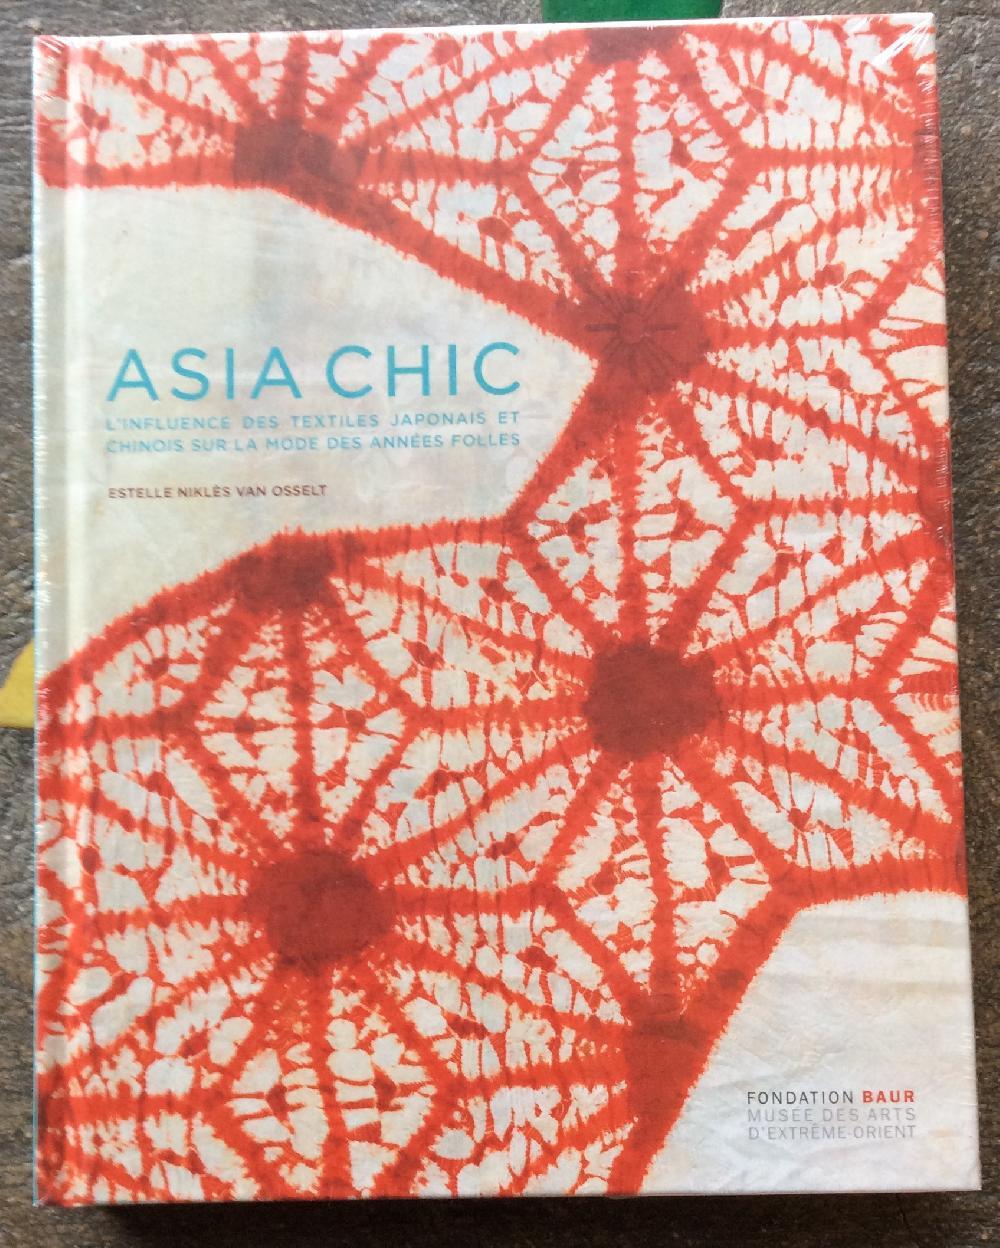 Asia chic - Ou comment les textiles japonais et chinois ont influencé la mode des années folles